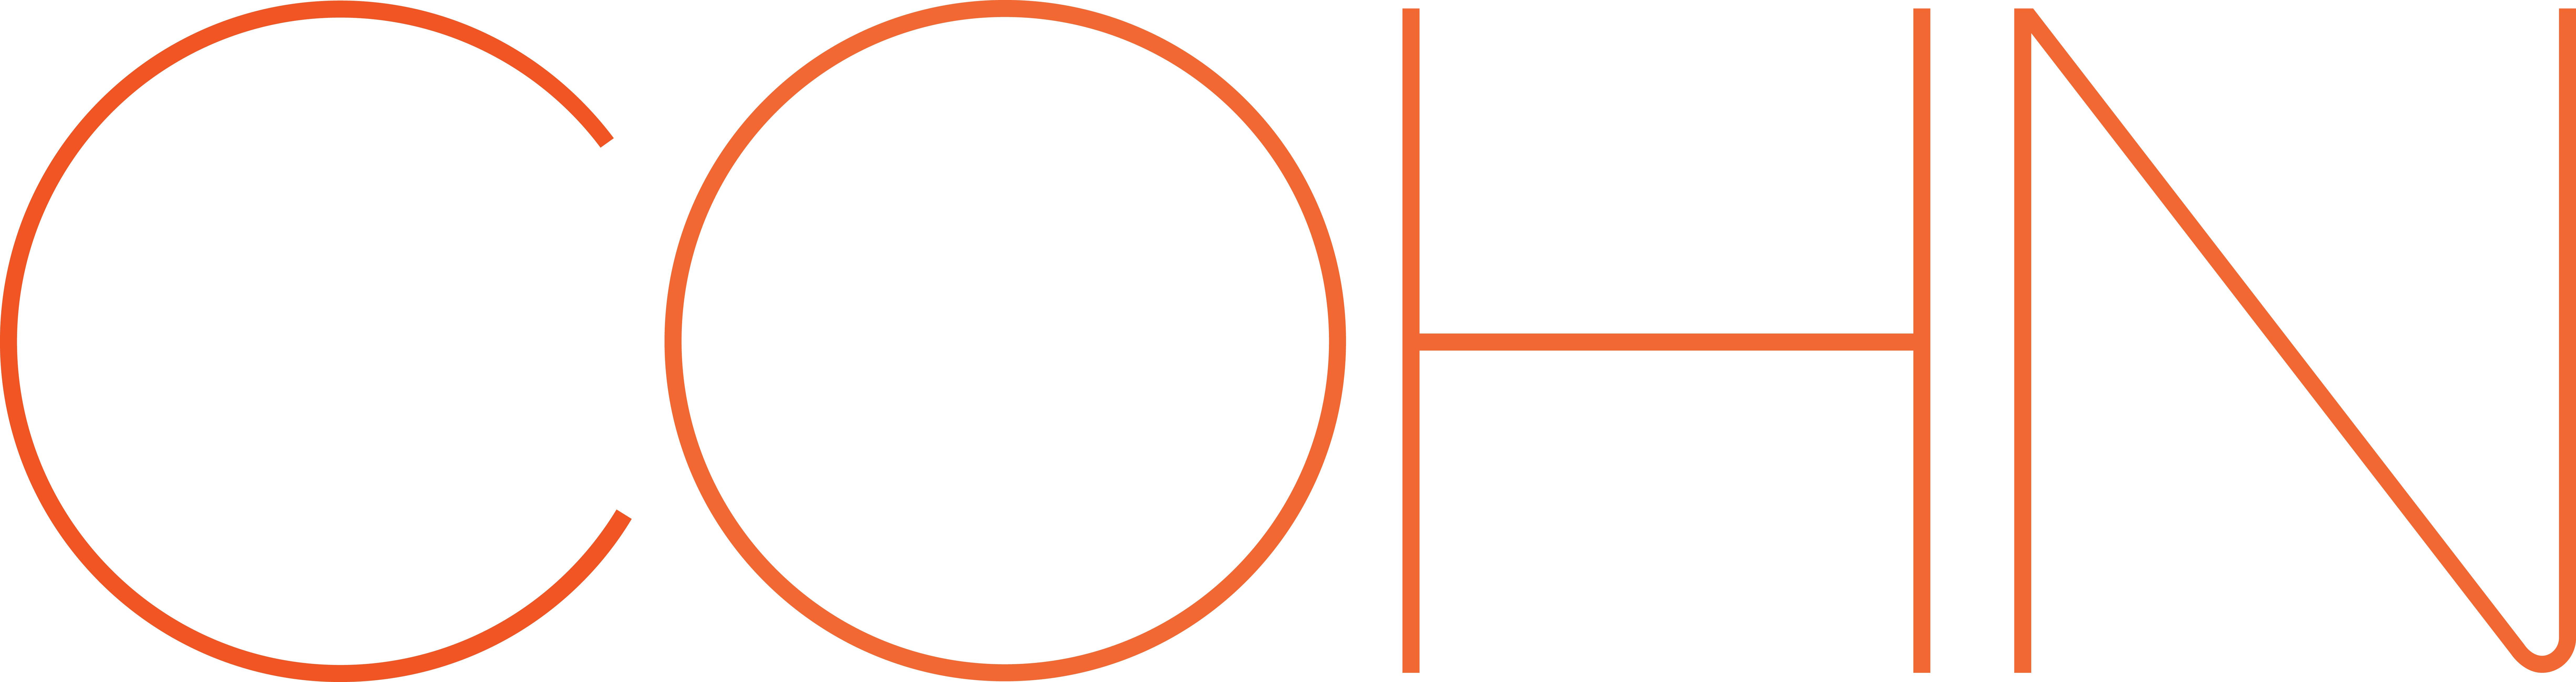 COHN on LogoLounge